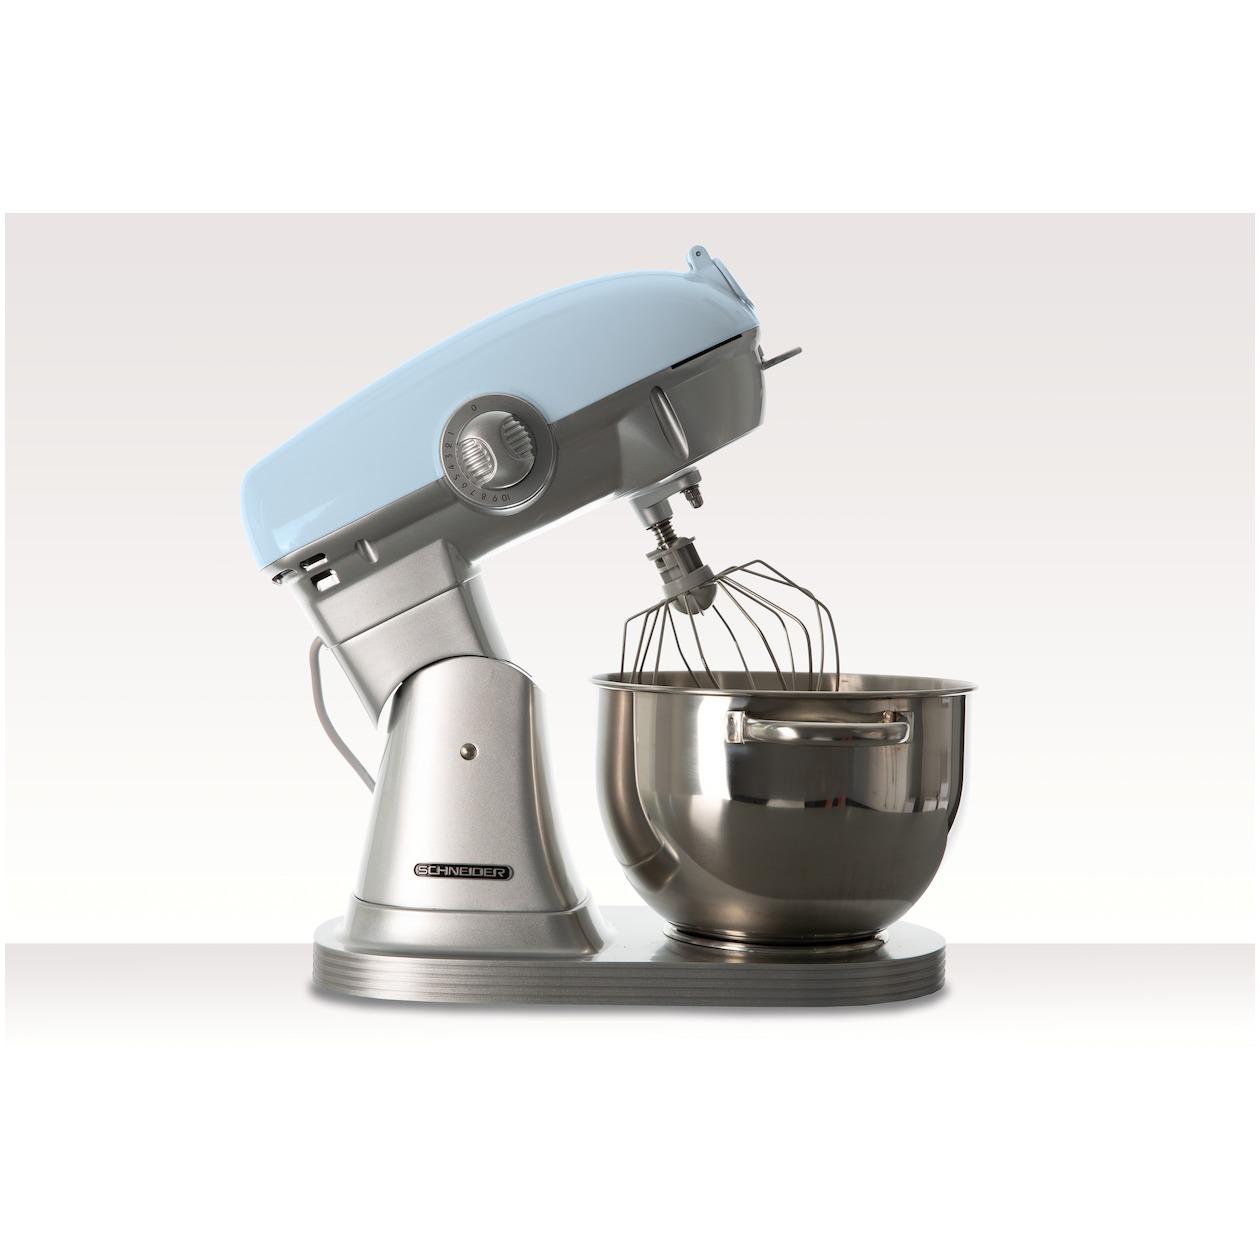 Schneider keukenmachine SCFP57BL blauw - Prijsvergelijk